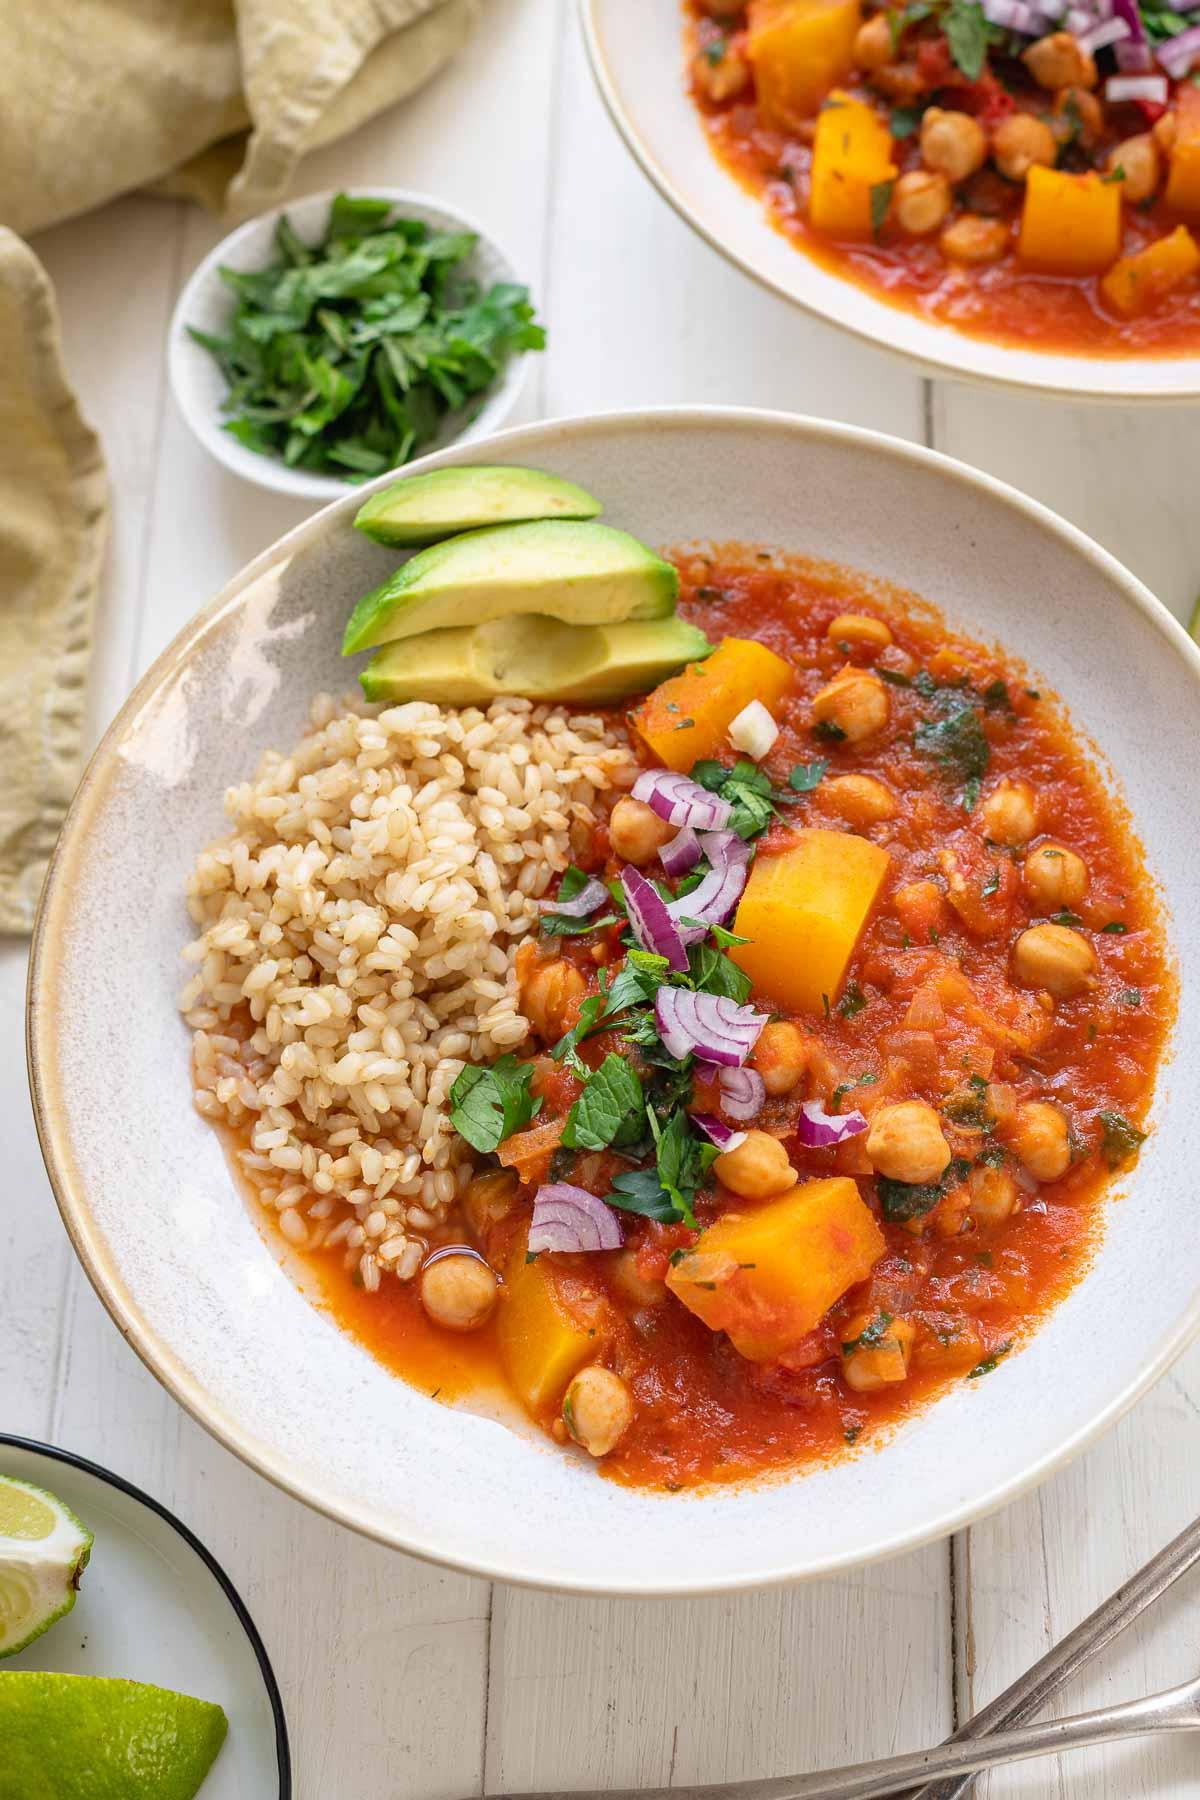 Butternuss-Kürbiseintopf mit Kichererbsen, vegetarisches Rezept mit Reis